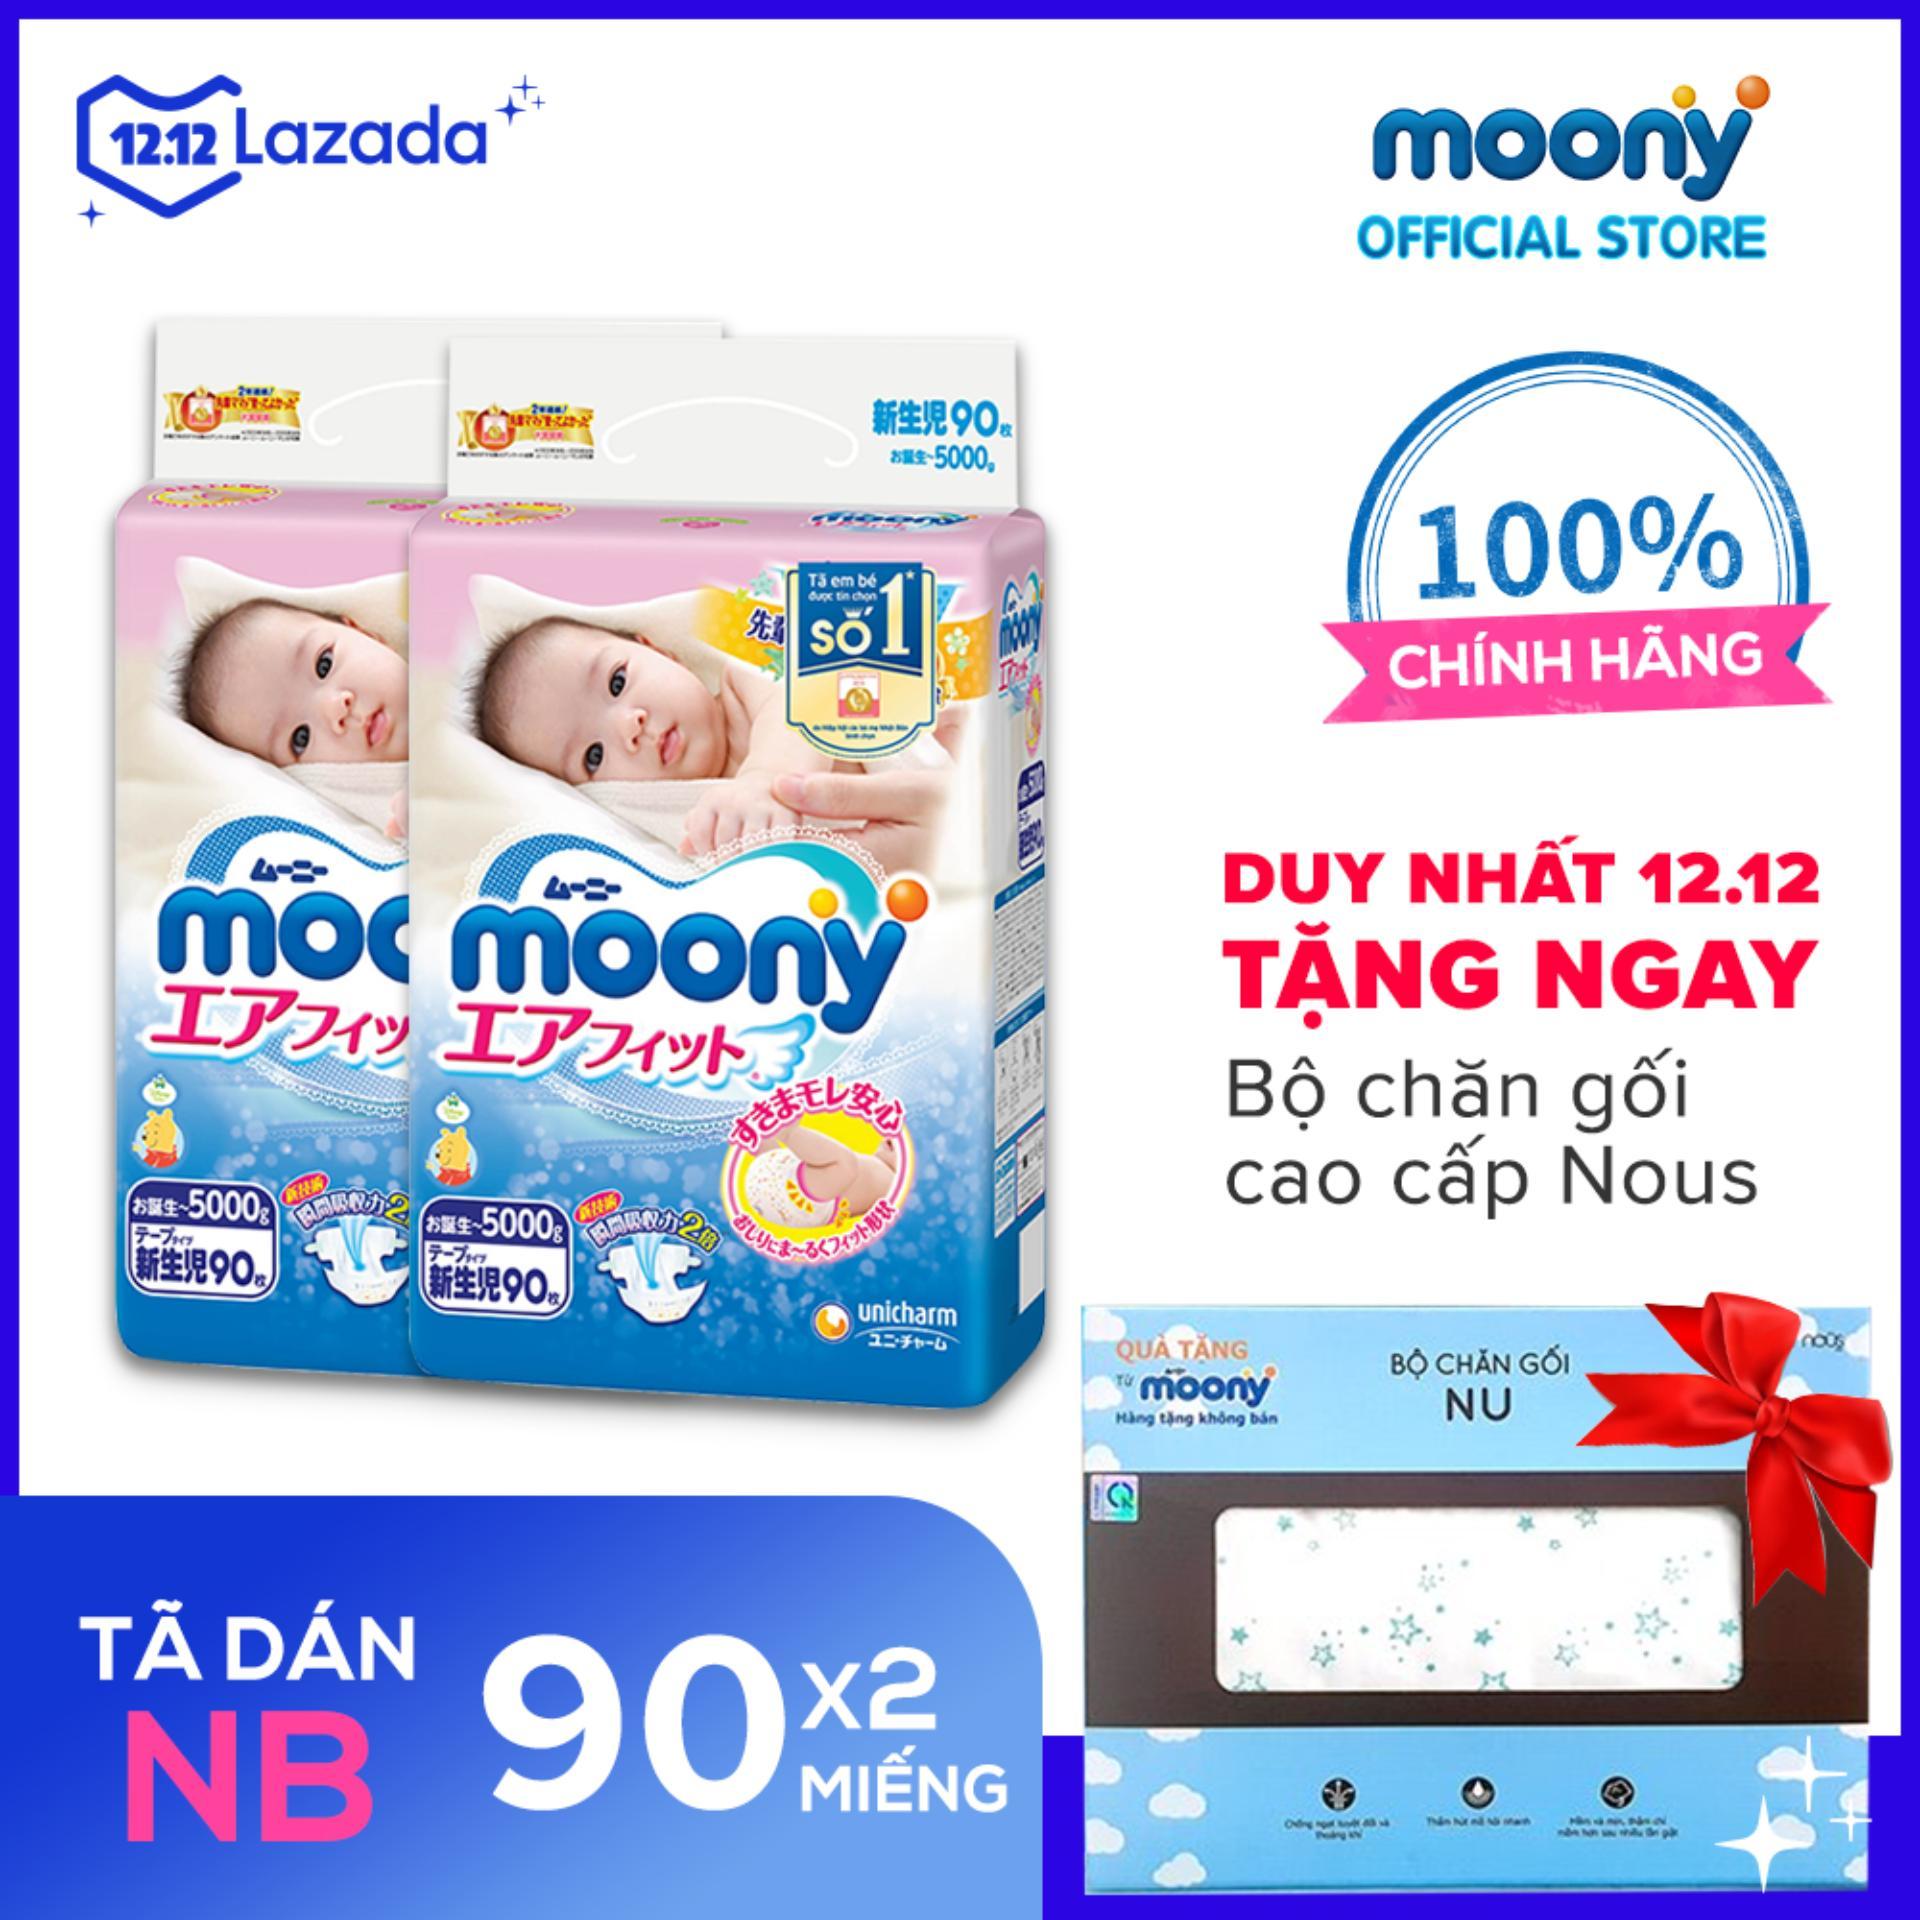 [KÈM QUÀ] Bộ 2 Tã/bỉm Dán Cao Cấp Moony Newborn 90 Miếng (0-5kg) - Tặng 1 Bộ Chăn Gối Nous Giảm Cực Hot